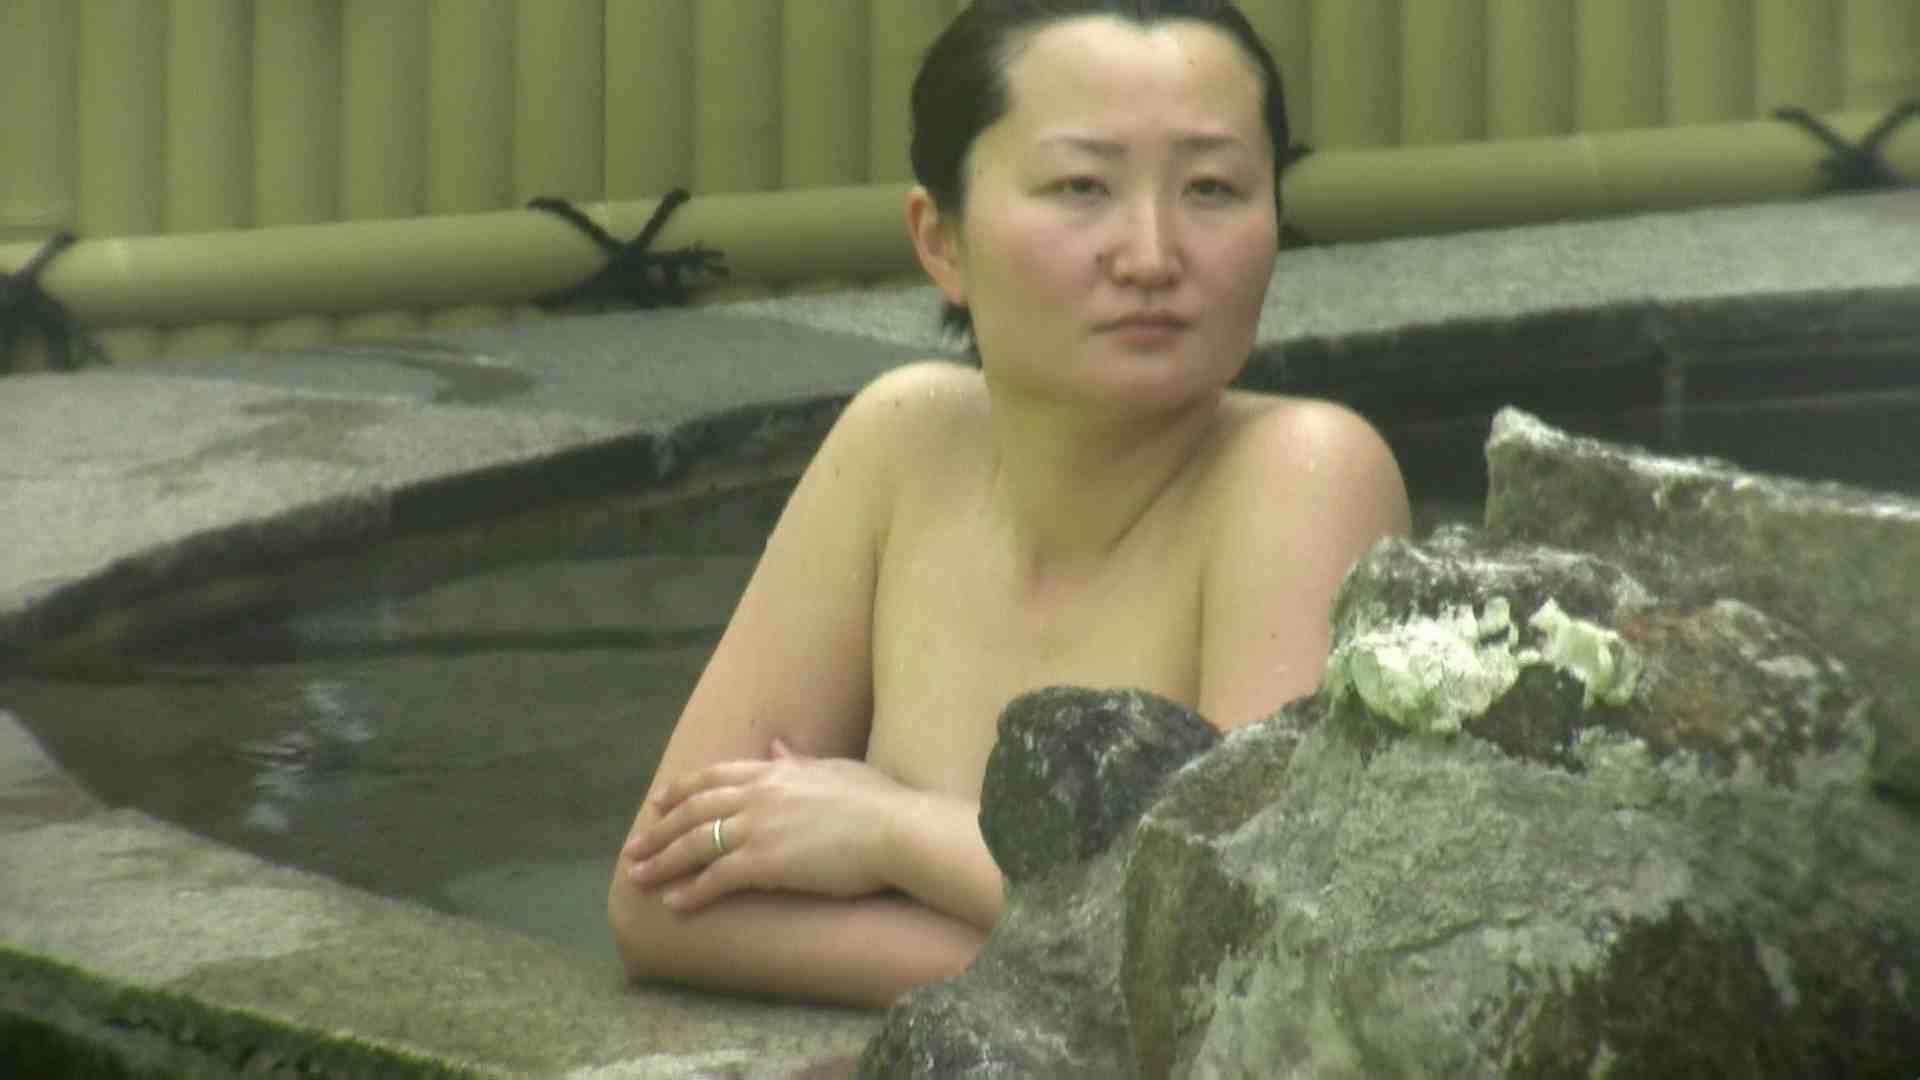 Aquaな露天風呂Vol.632 OL女体 のぞき動画画像 75連発 50